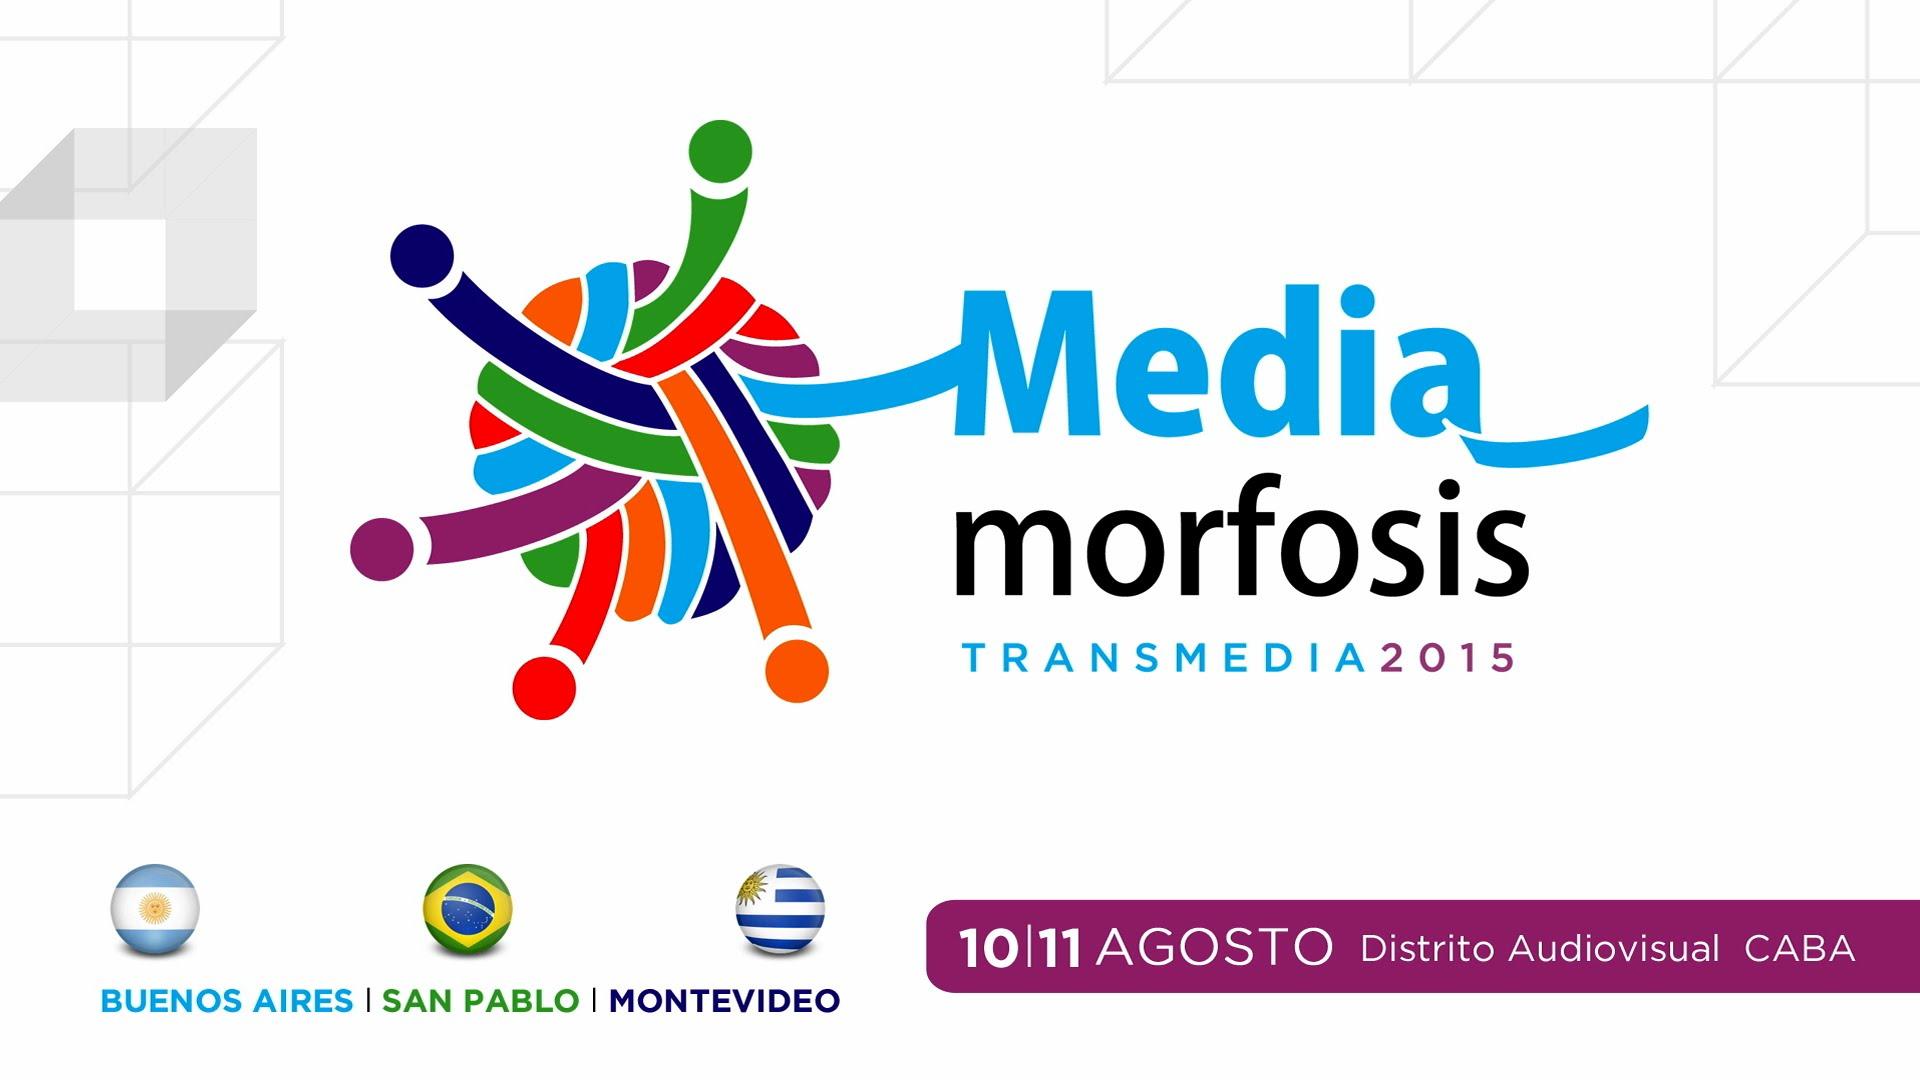 Se discutió en Mediamorfosis el futuro de los medios